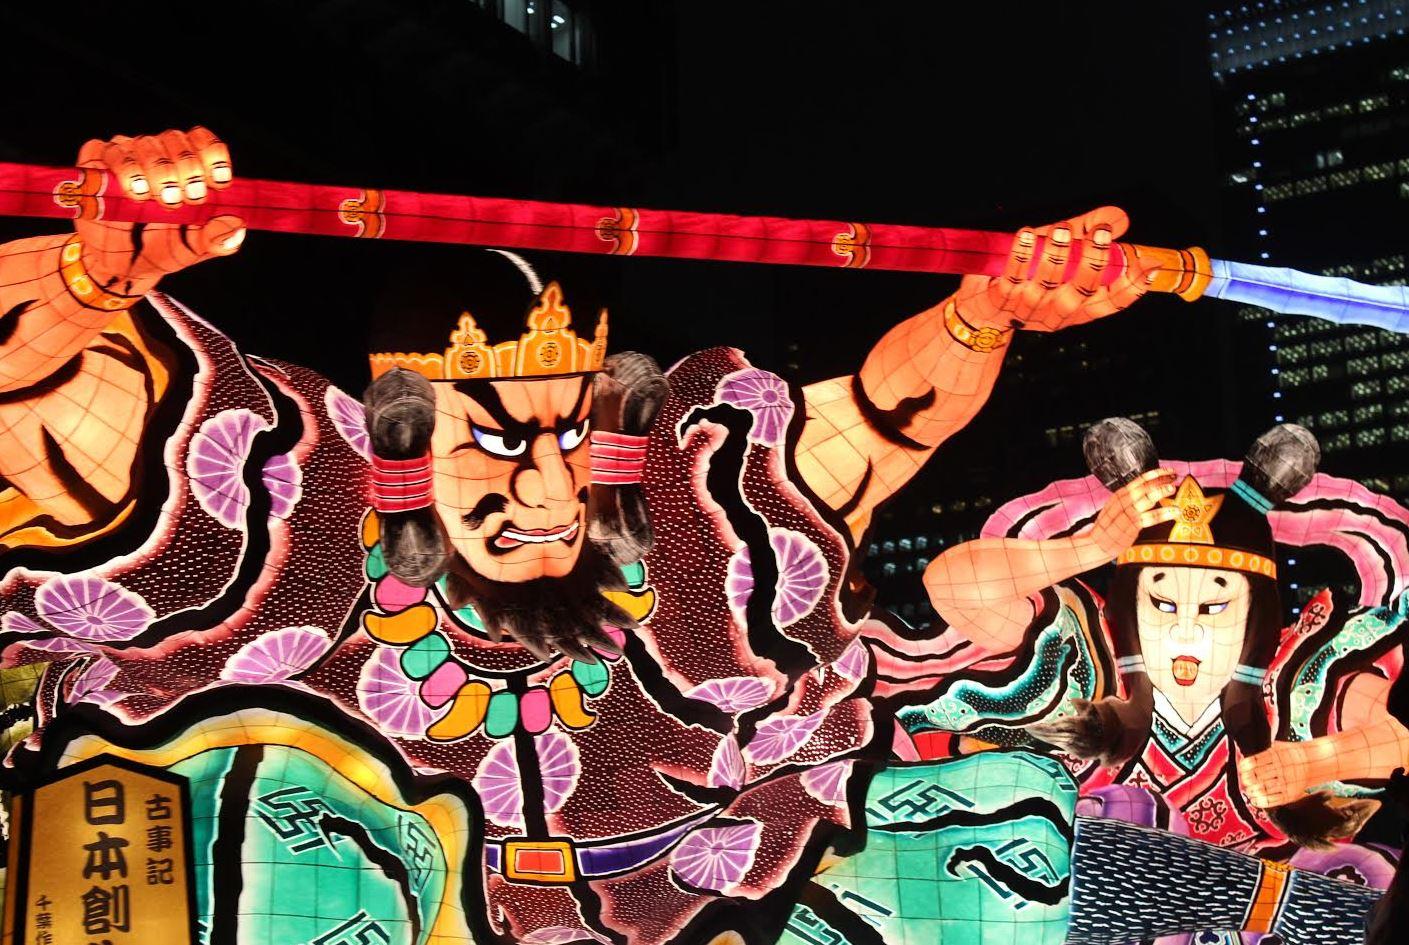 JAPAN NIGHT 2015では、青森ねぶたが東京の夜空を舞った。青森県はツーリズムEXPOジャパン2015のプレミアム・デスティネーション・パートナー